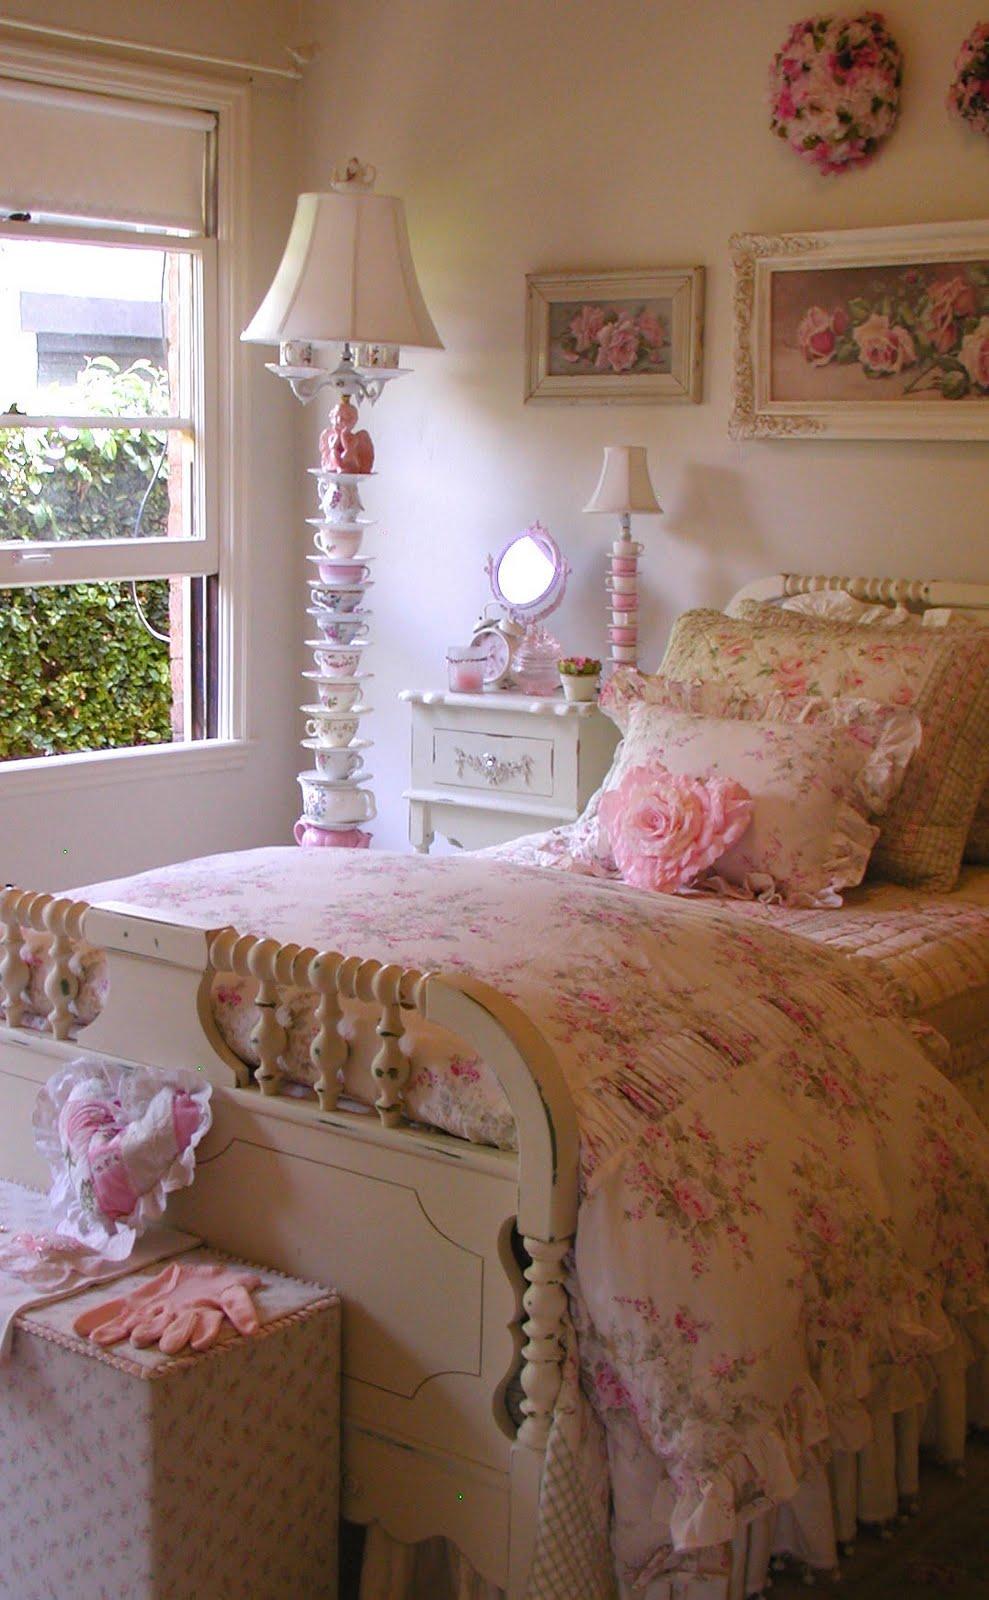 Chateau De Fleurs: English Cottage Romance!